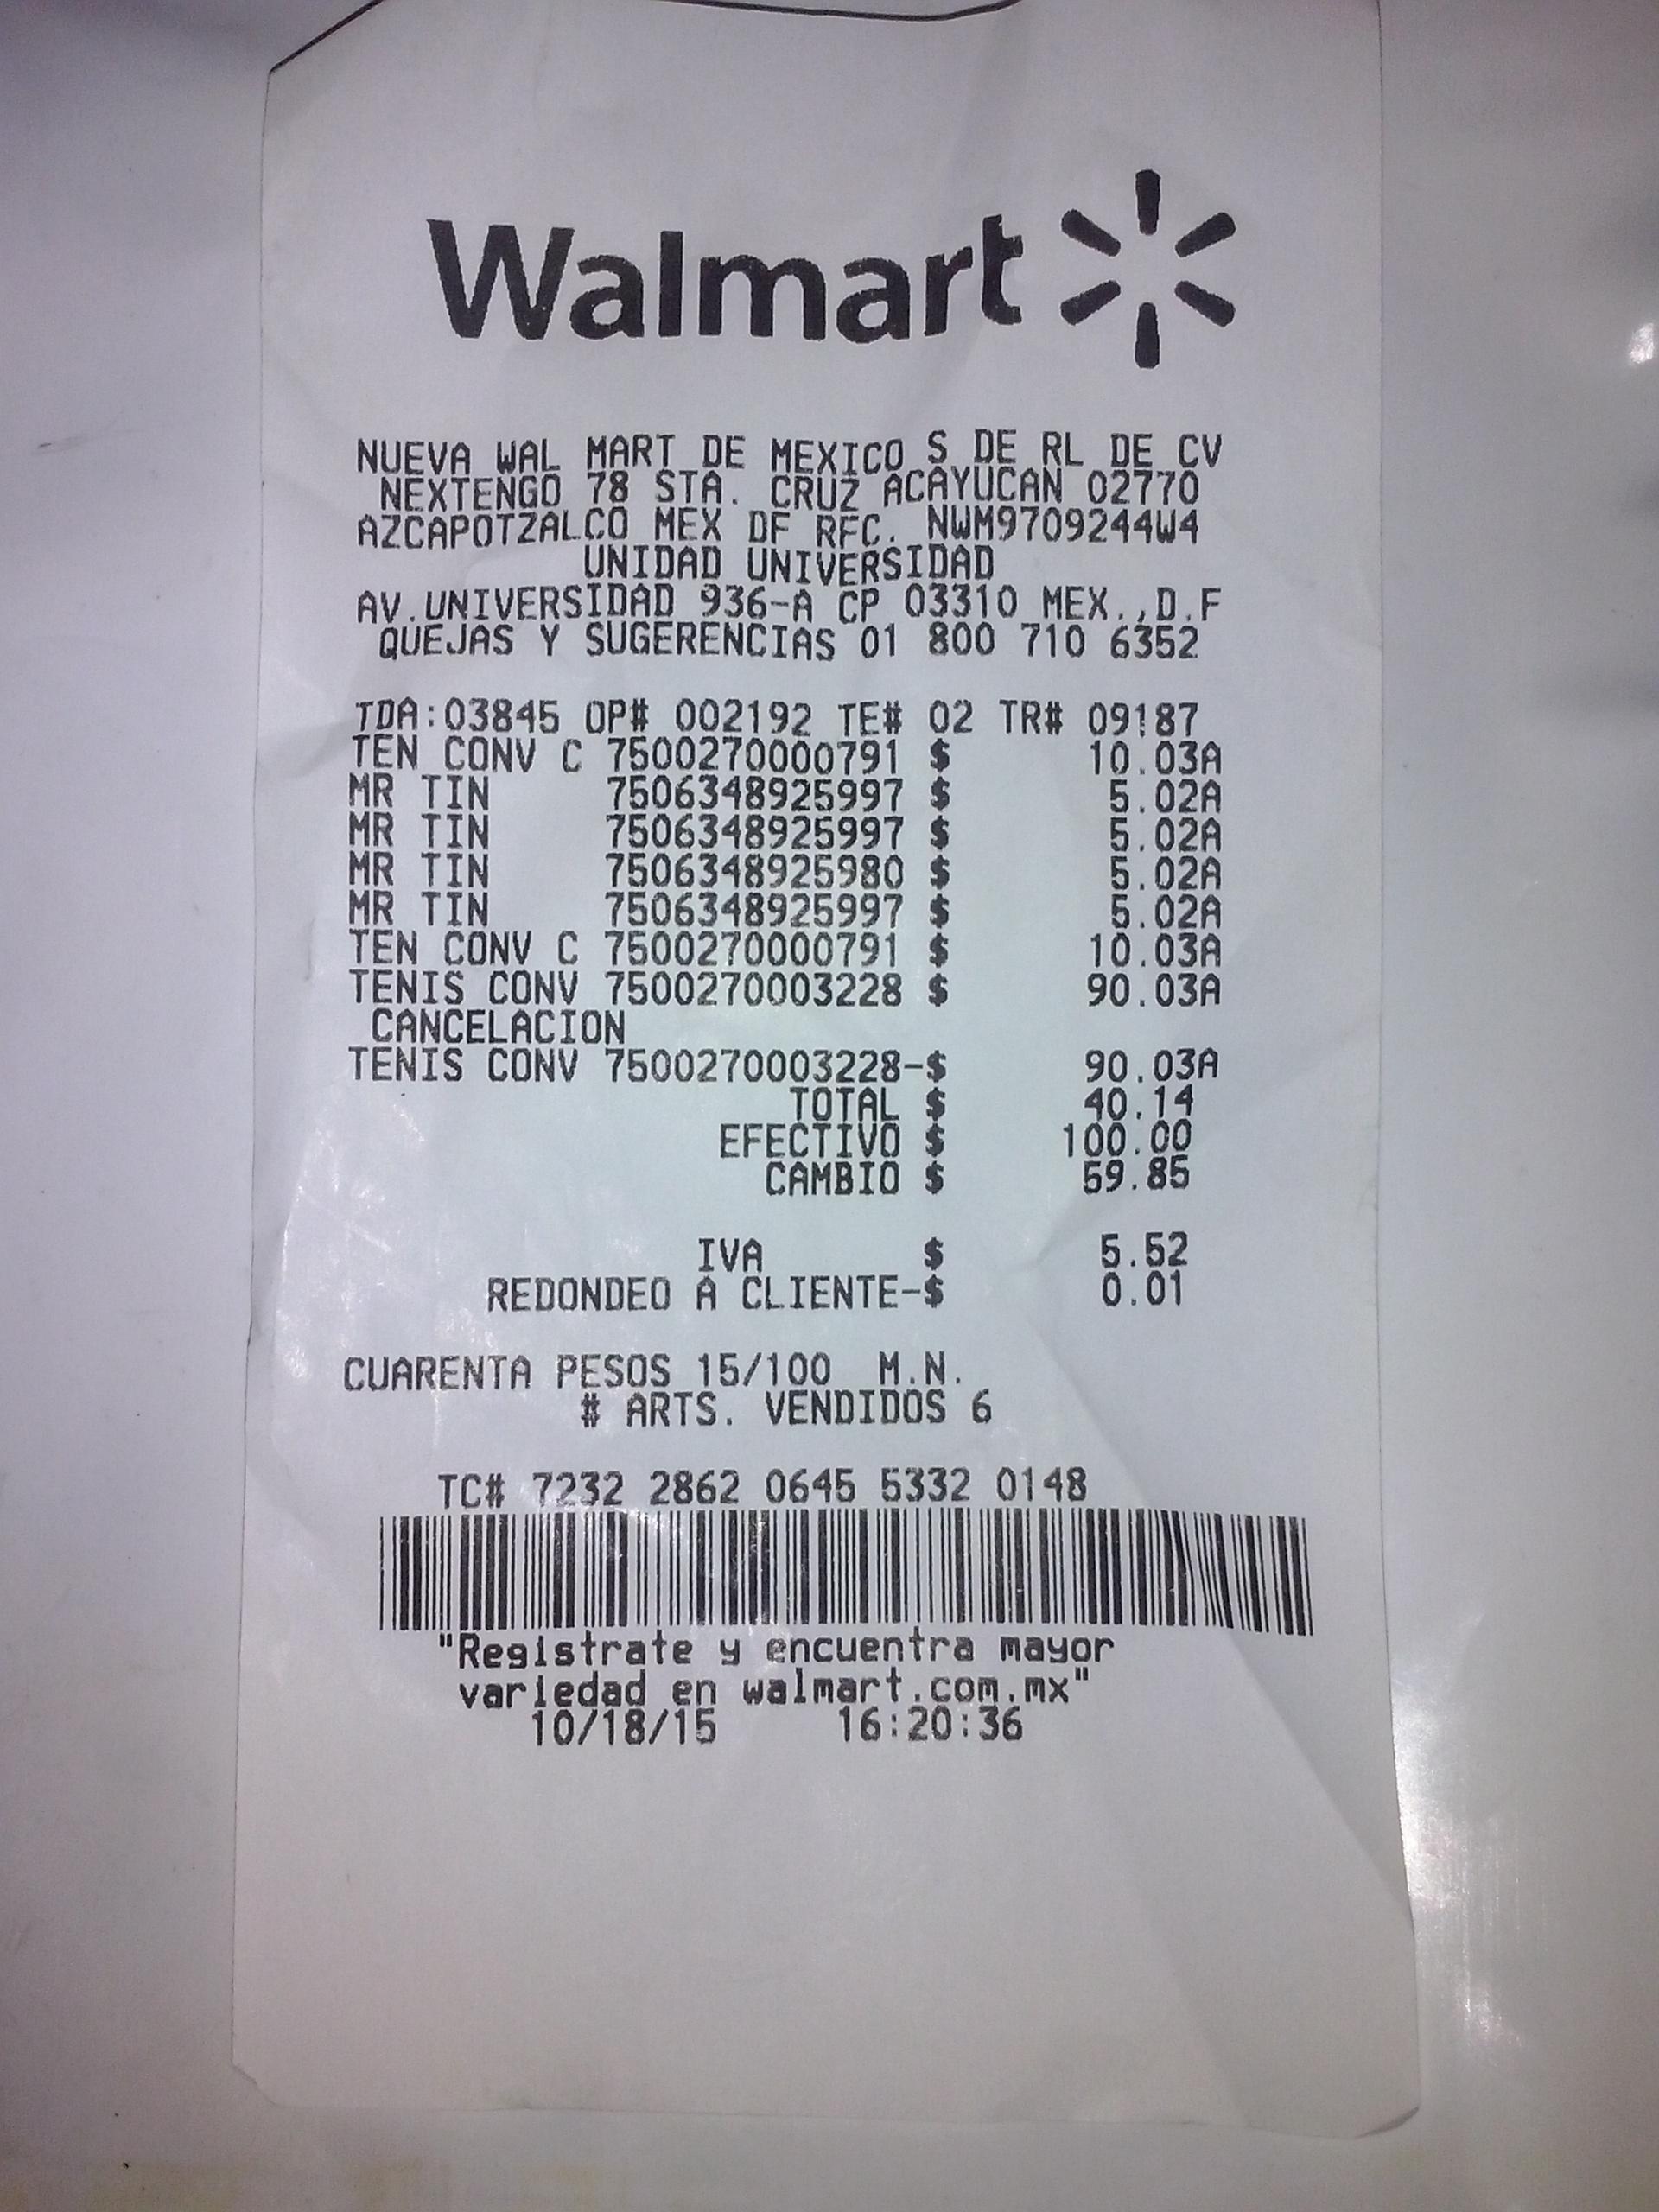 Walmart: Tenis tipo converse a 10.03 y Tines Joe boxer a 5.02